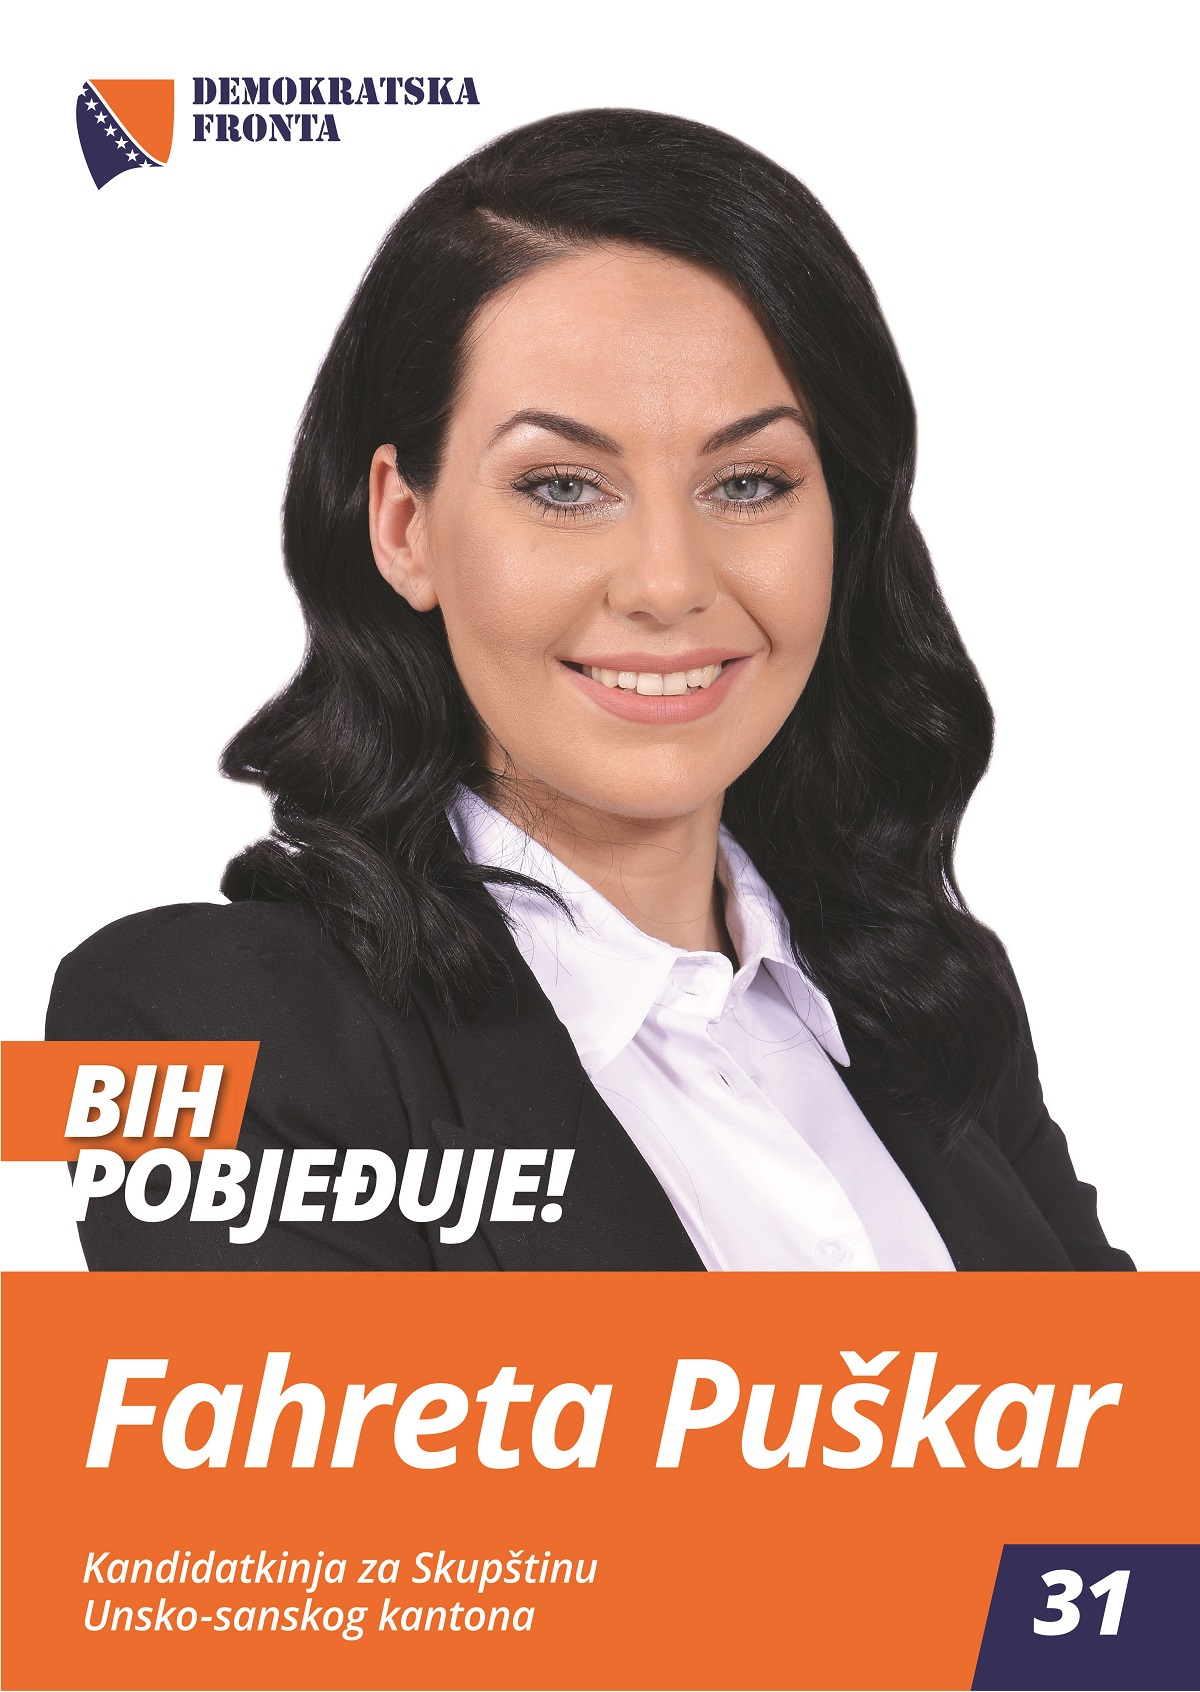 Fahreta Puškar, diplomirani inžinjer saobraćaja